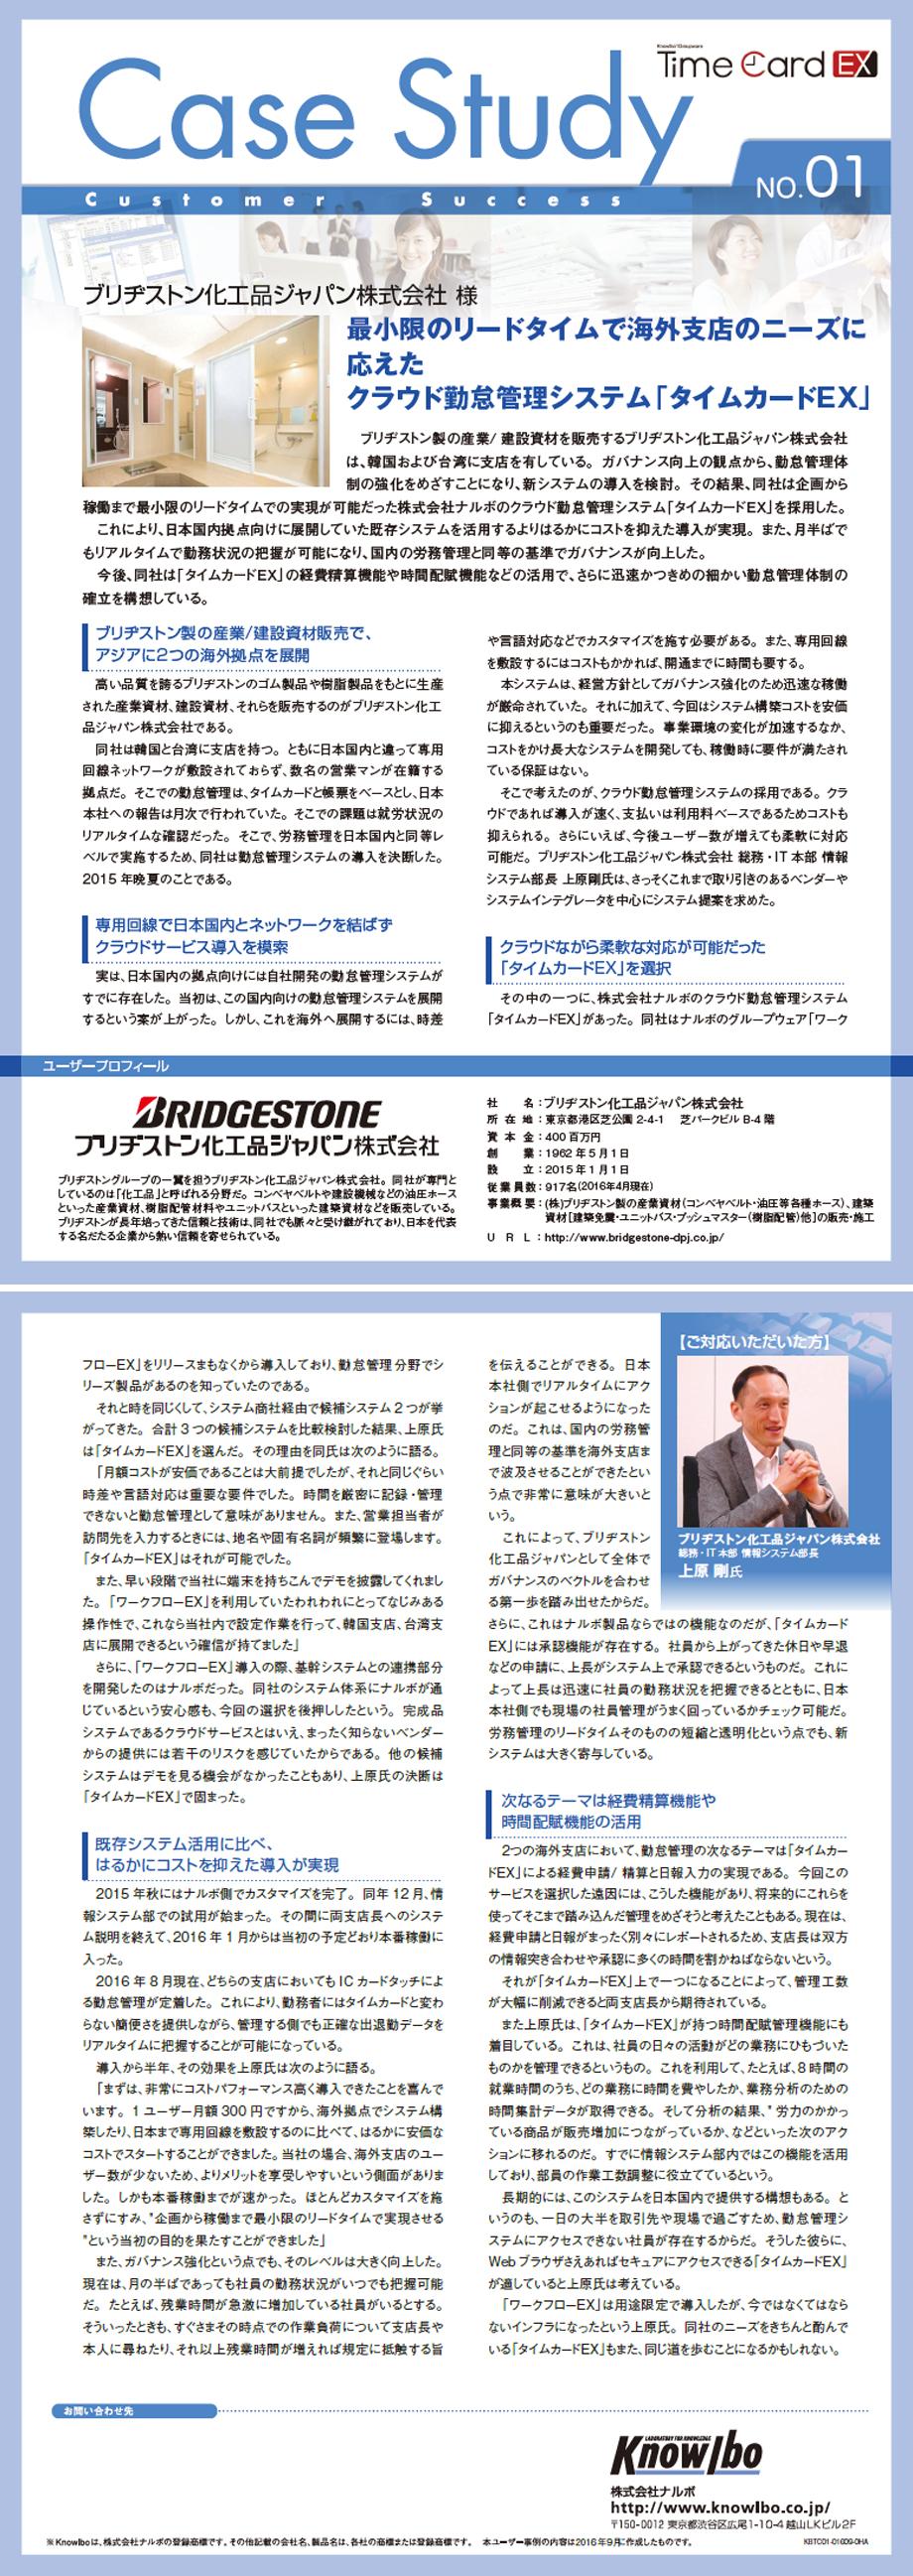 タイムカードEX導入事例リーフレット「ブリヂストン加工品ジャパン株式会社」様